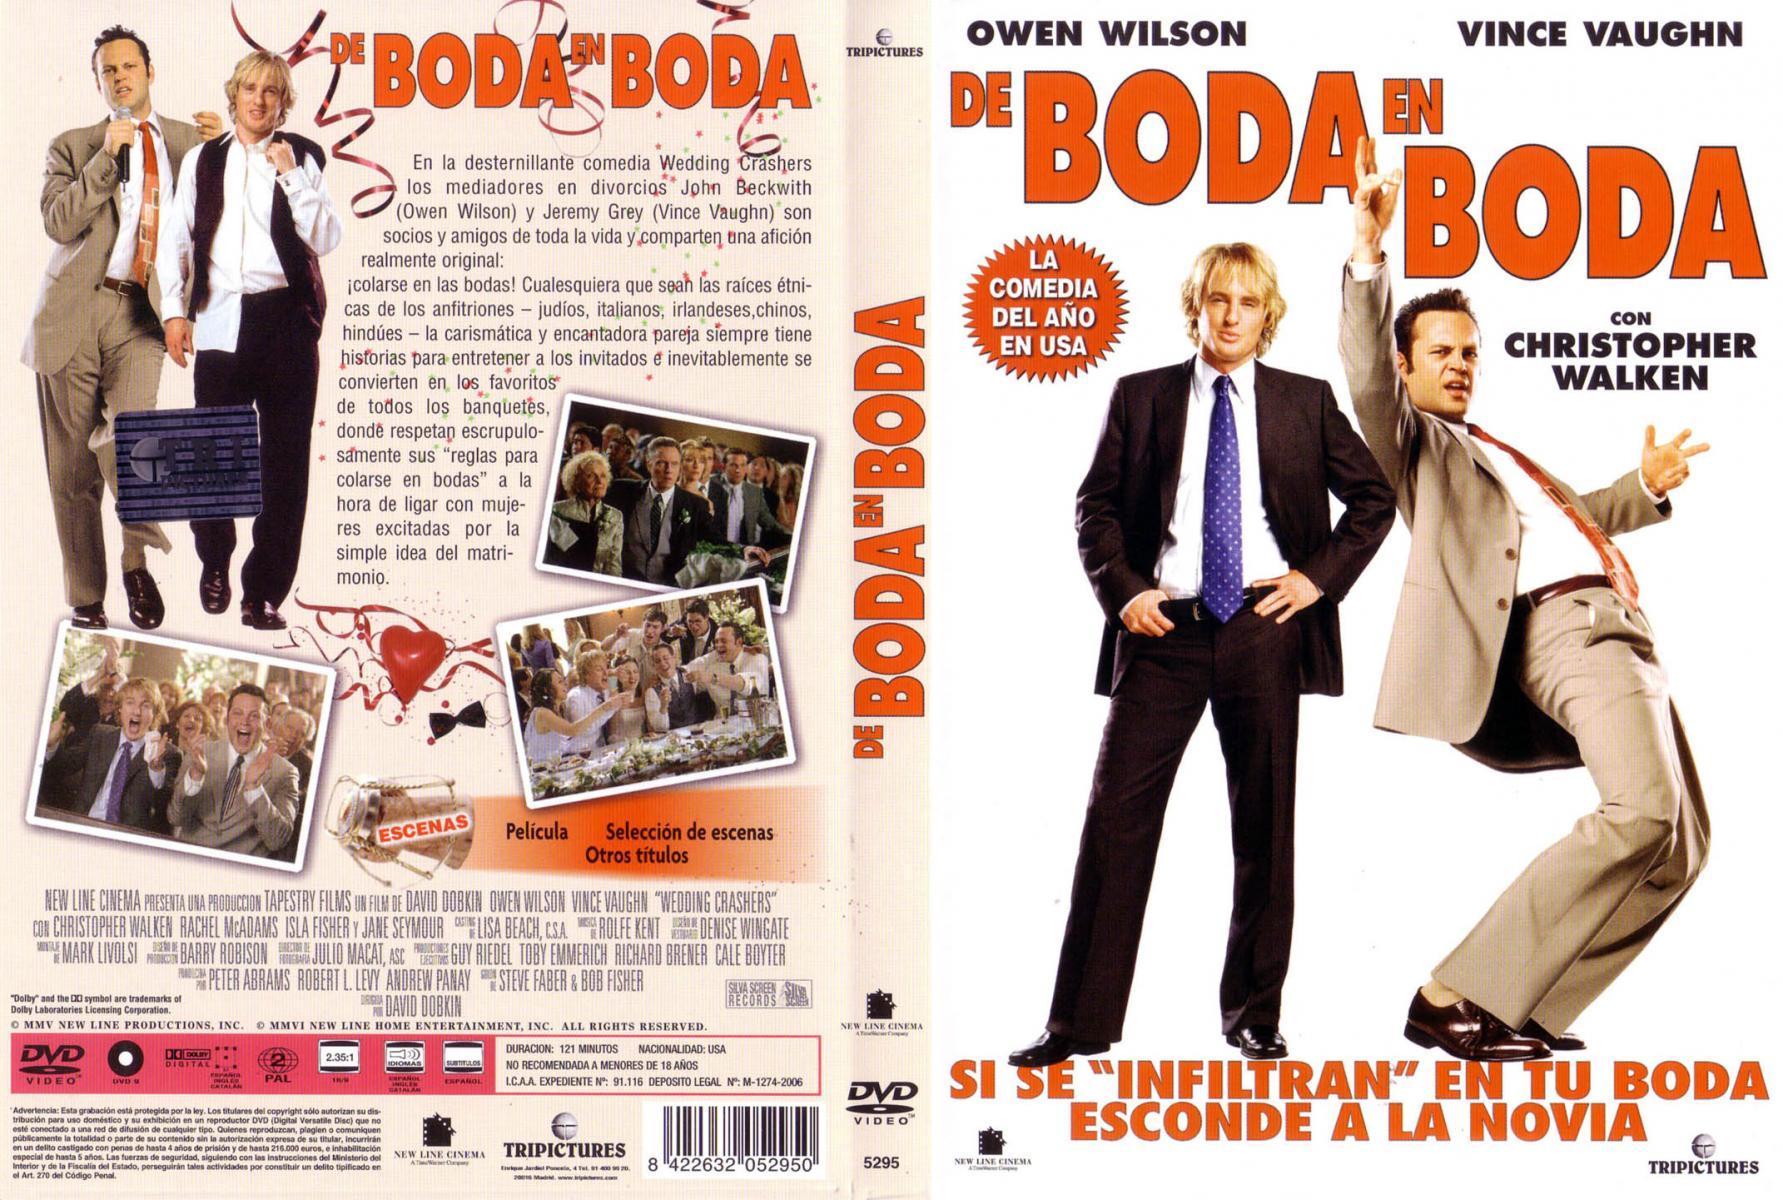 Wedding Crashers 2005 Filmaffinity